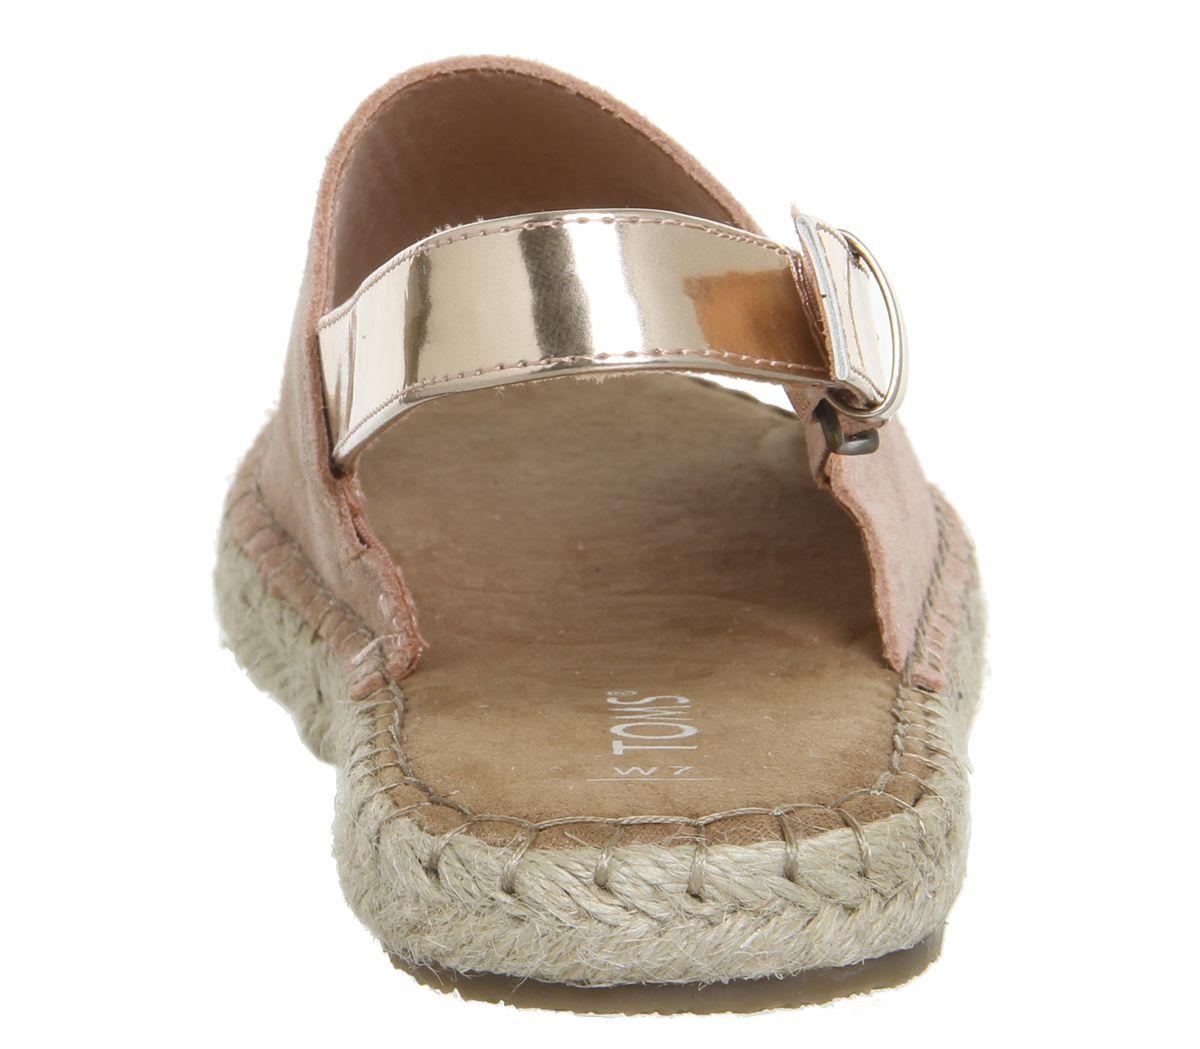 cbb79c0837d0 Toms Clara Sandals Bloom Suede Rose Gold Specchio - Sandals